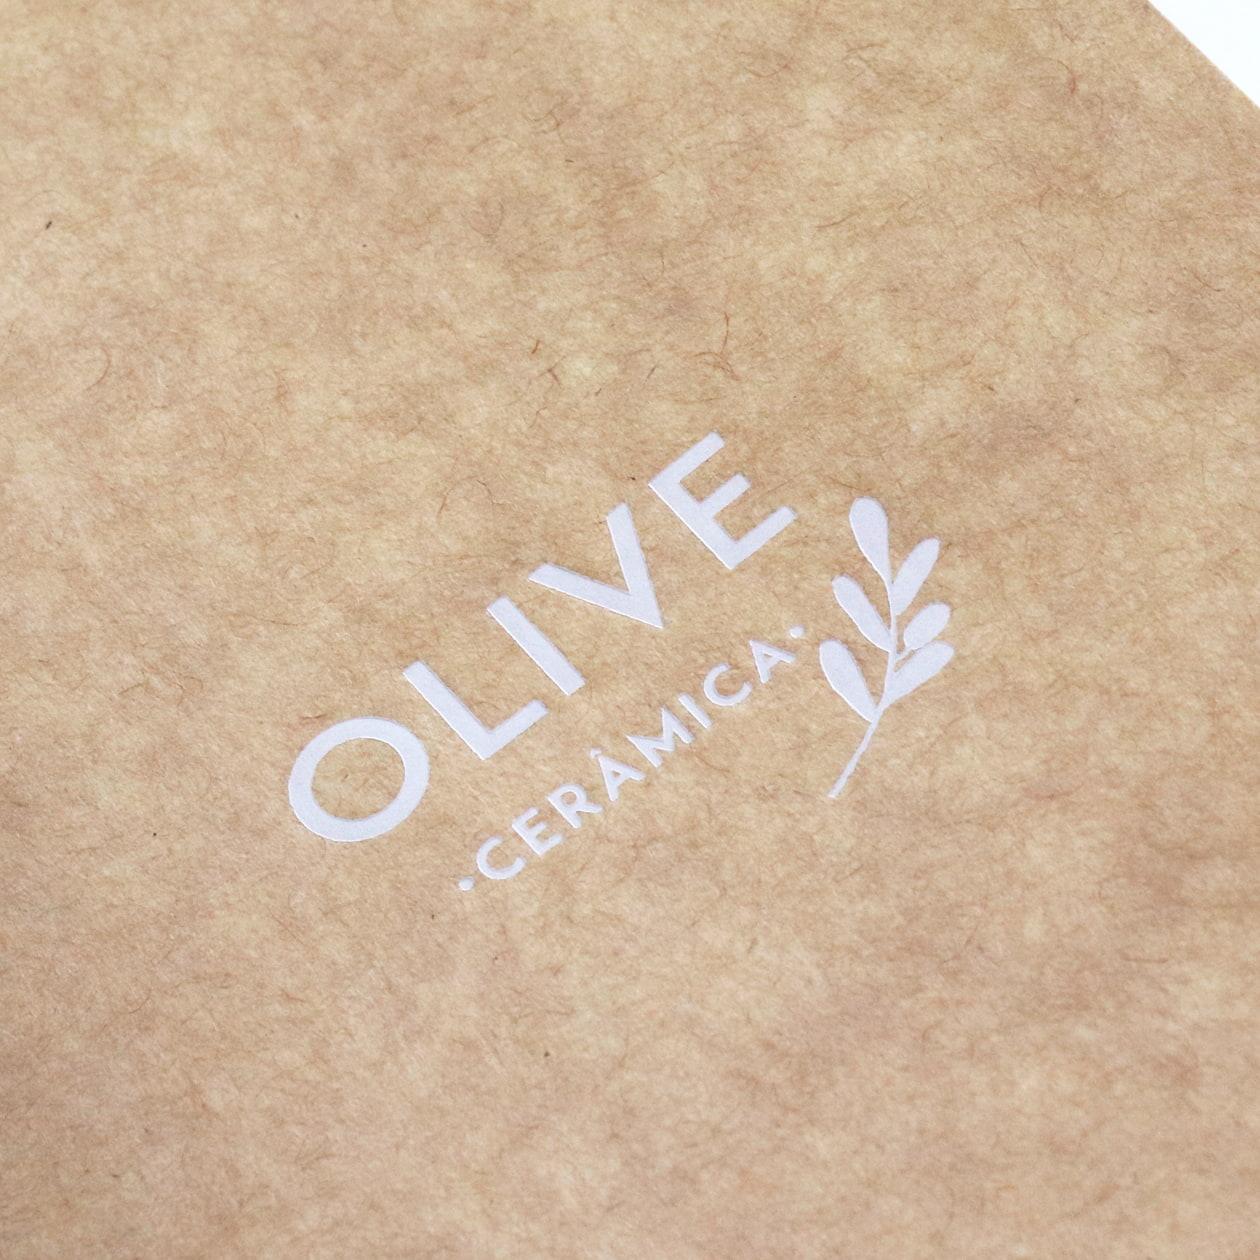 モダンでクラフト感のある 陶器ブランドの商品イメージブック